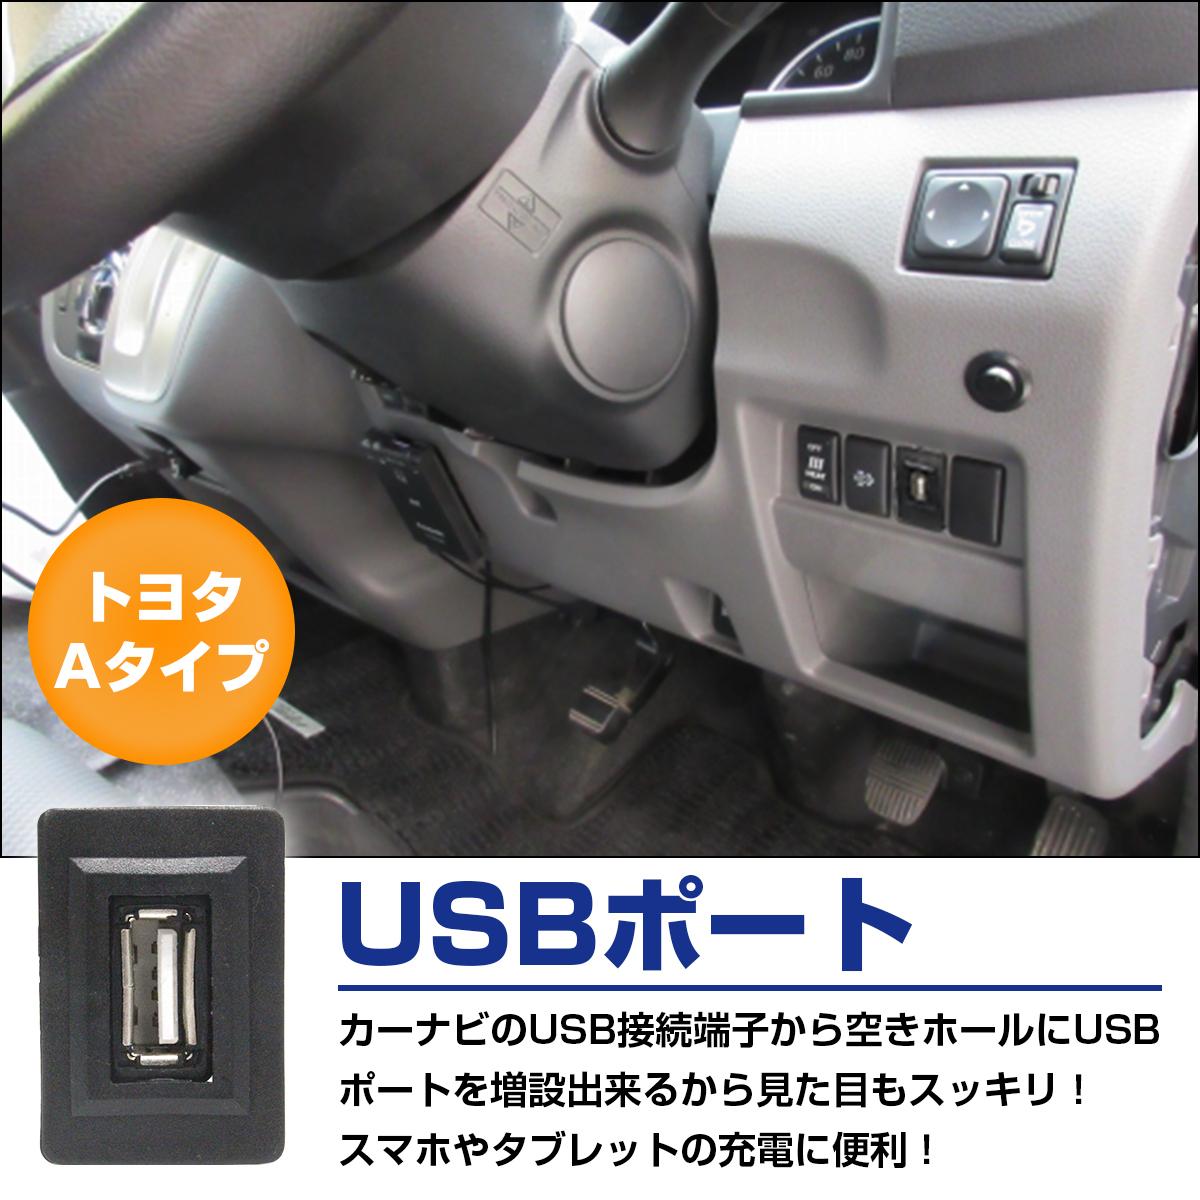 【トヨタAタイプ】 ラクティス 100系 H17.10~H22.10 純正風♪ USB接続通信パネル 配線付 USB1ポート 埋め込み 増設USBケーブル 2.1A 12V_swhl-b-001-bk-01-a